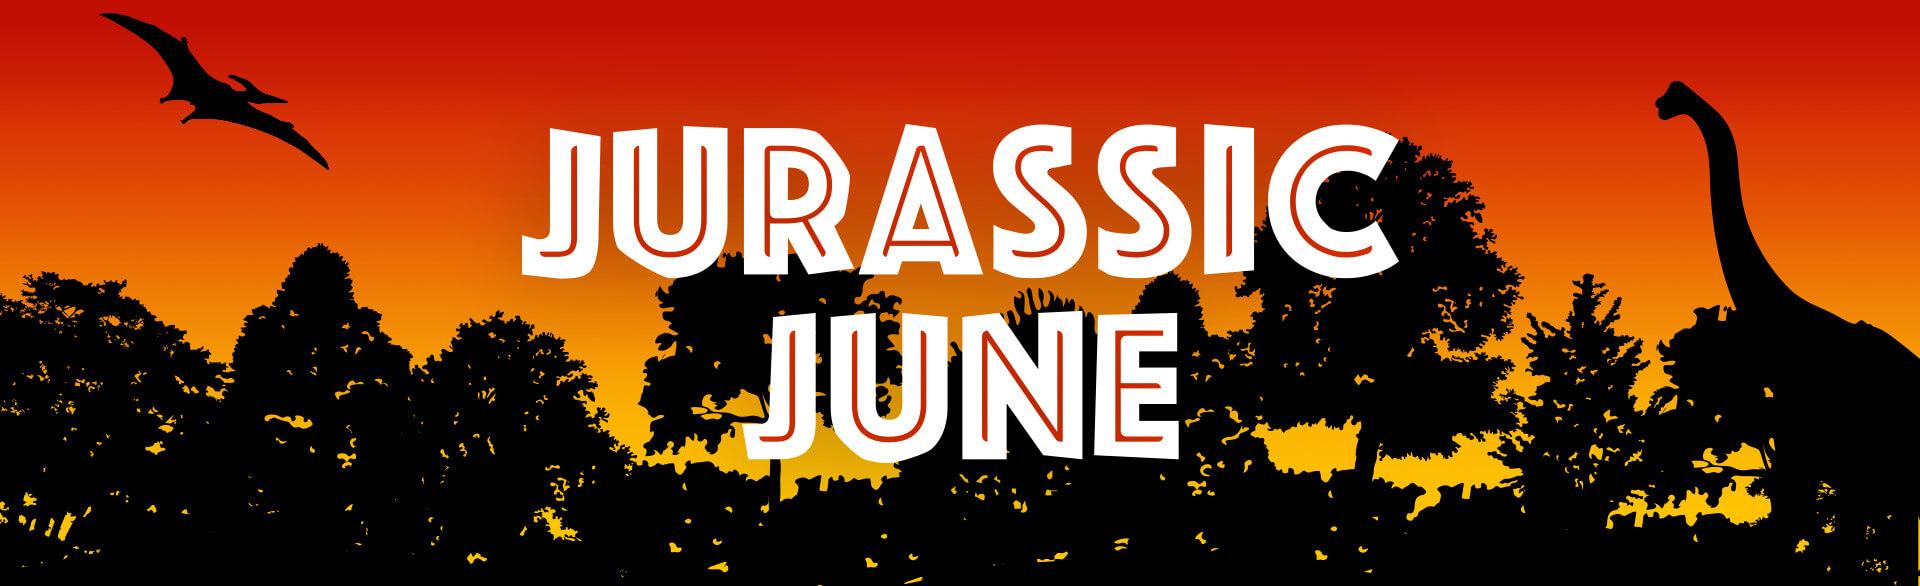 JURASSIC JUNE